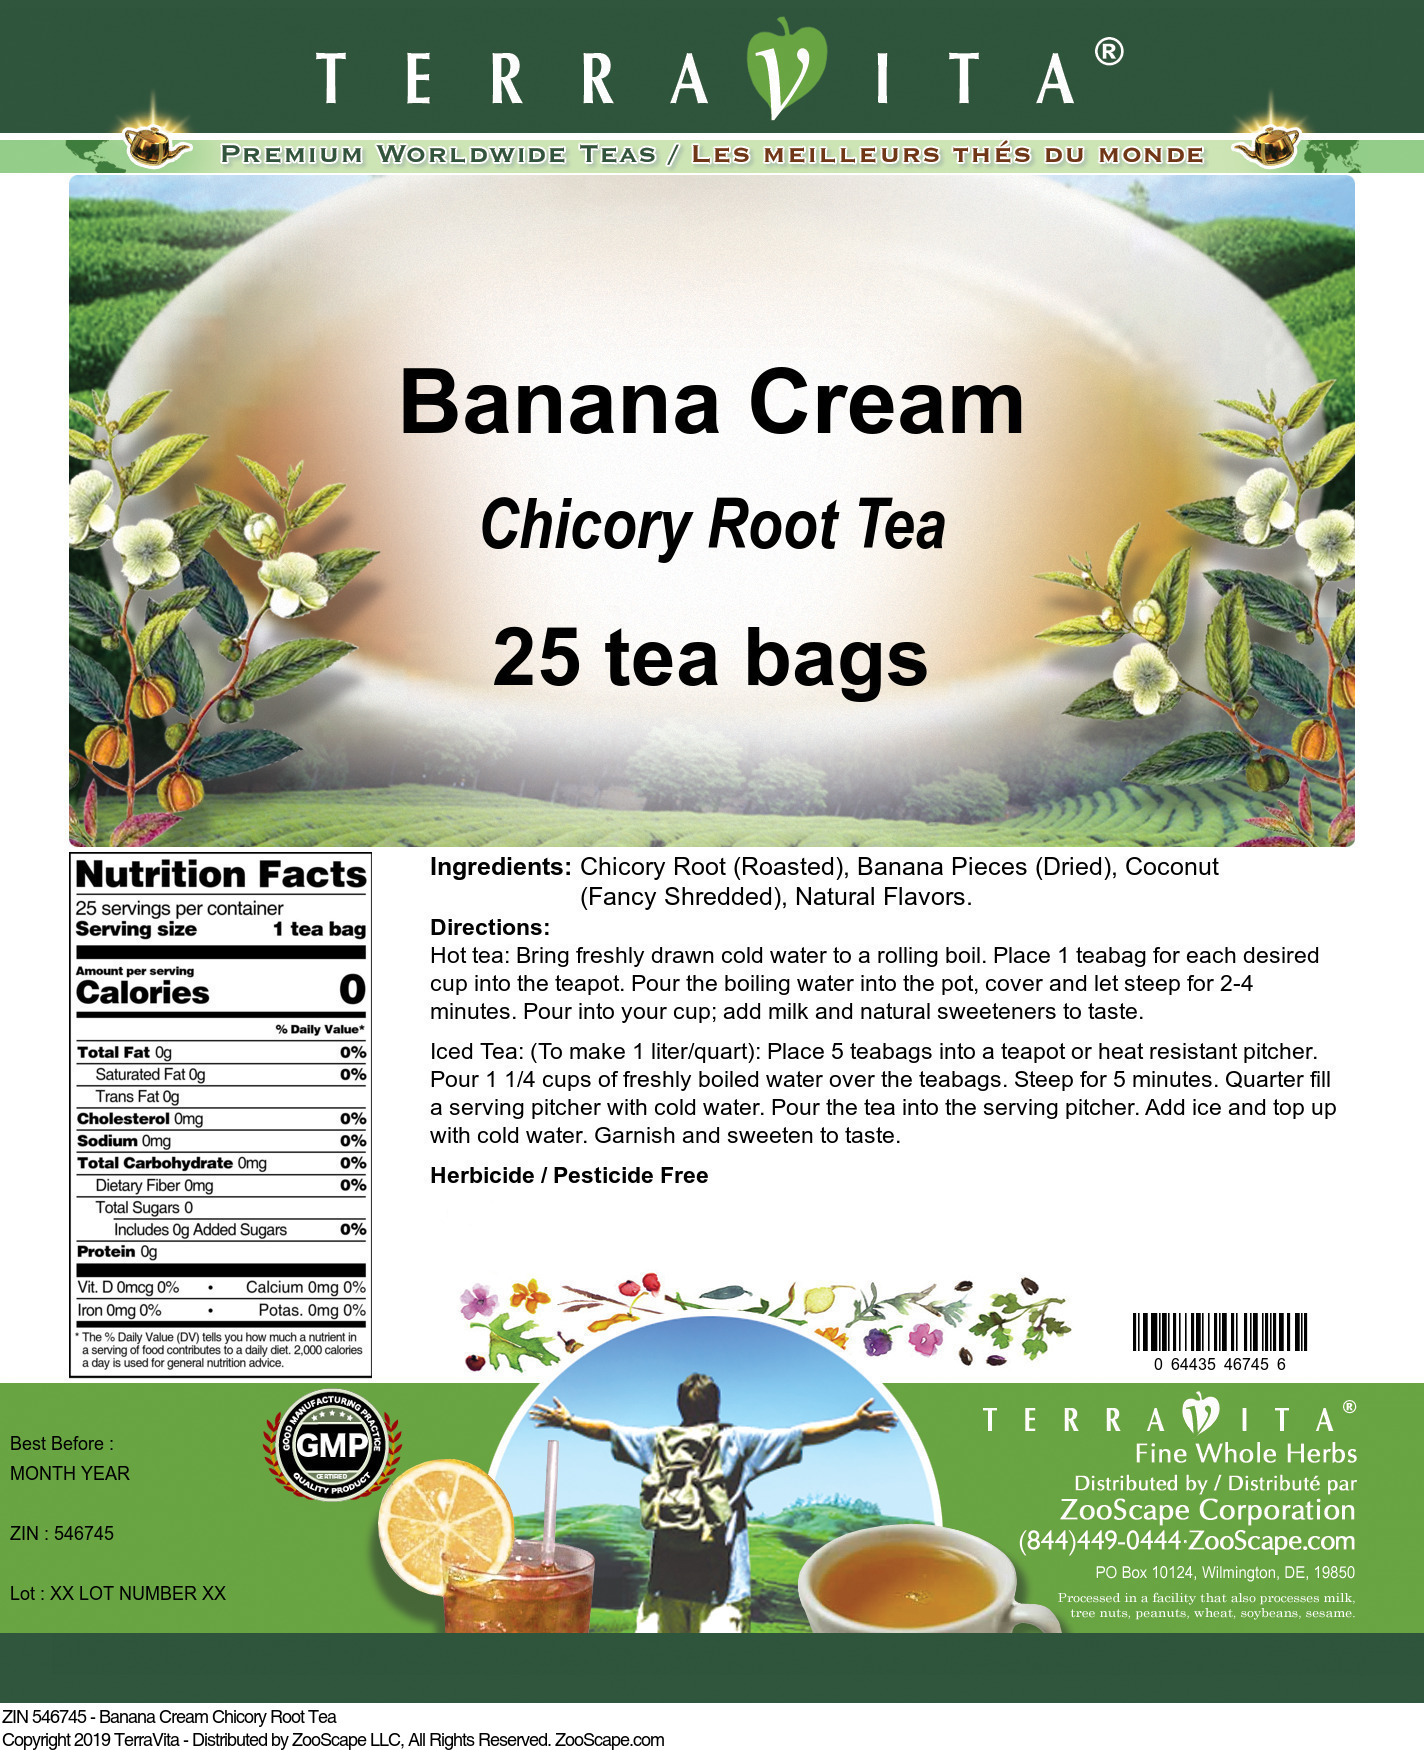 Banana Cream Chicory Root Tea